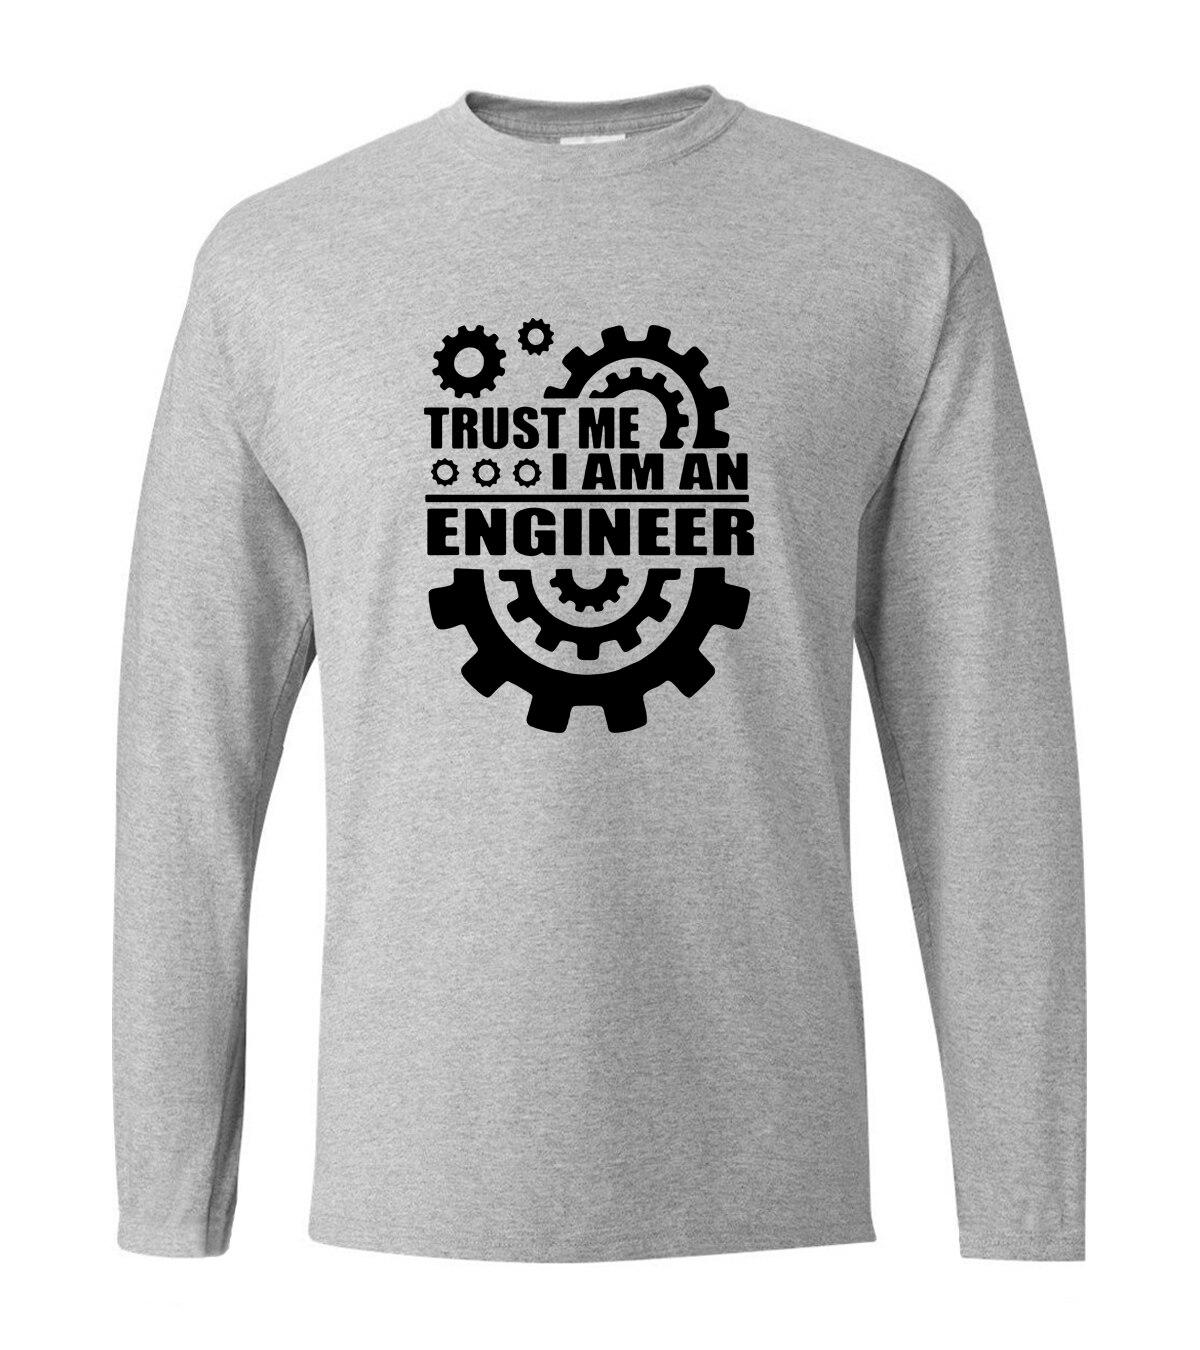 Croyez-moi Je Suis Un Ingénieur de lettres impression hommes à manches longues t-shirts 2017 nouveau printemps 100% coton casual homme t-shirt pour adulte